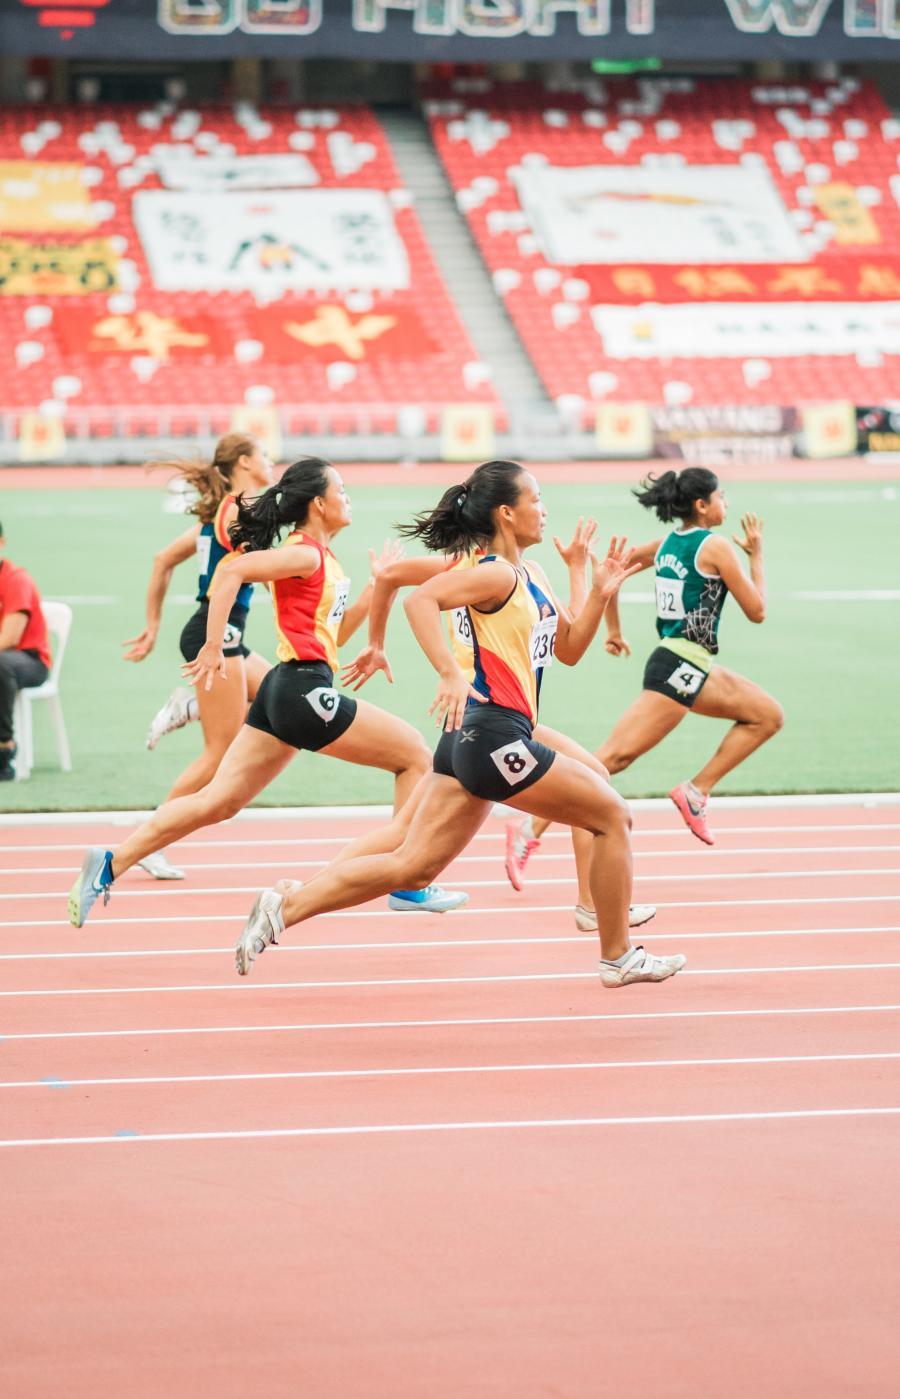 Olympiske lege - kvinder der løber om kap